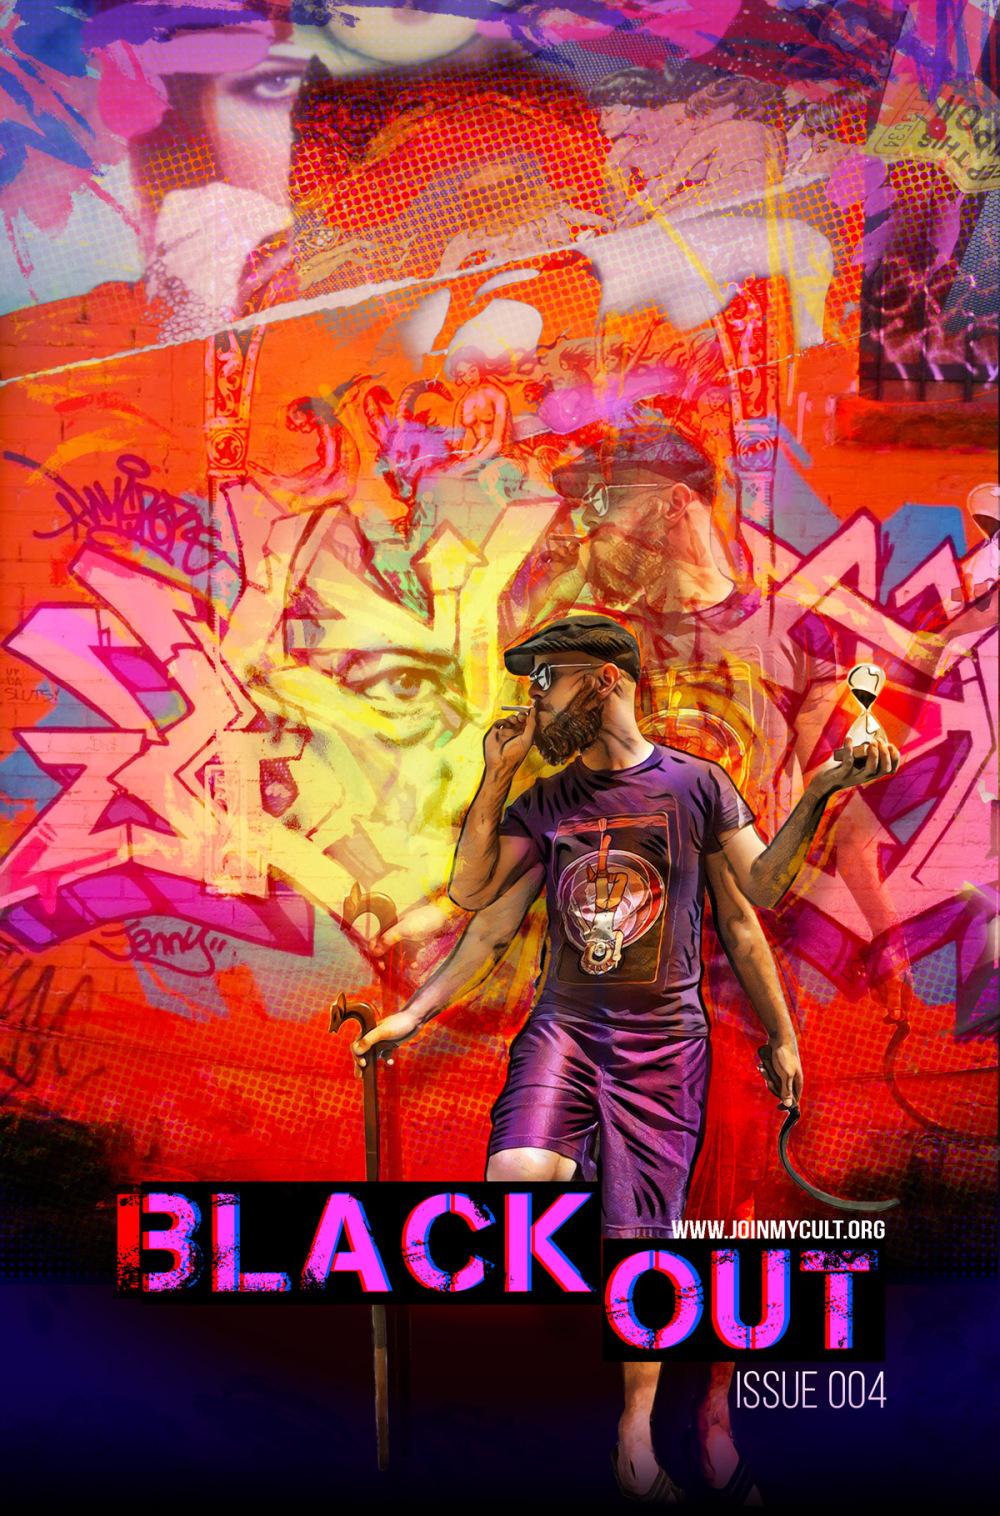 BLACKOUTcover4